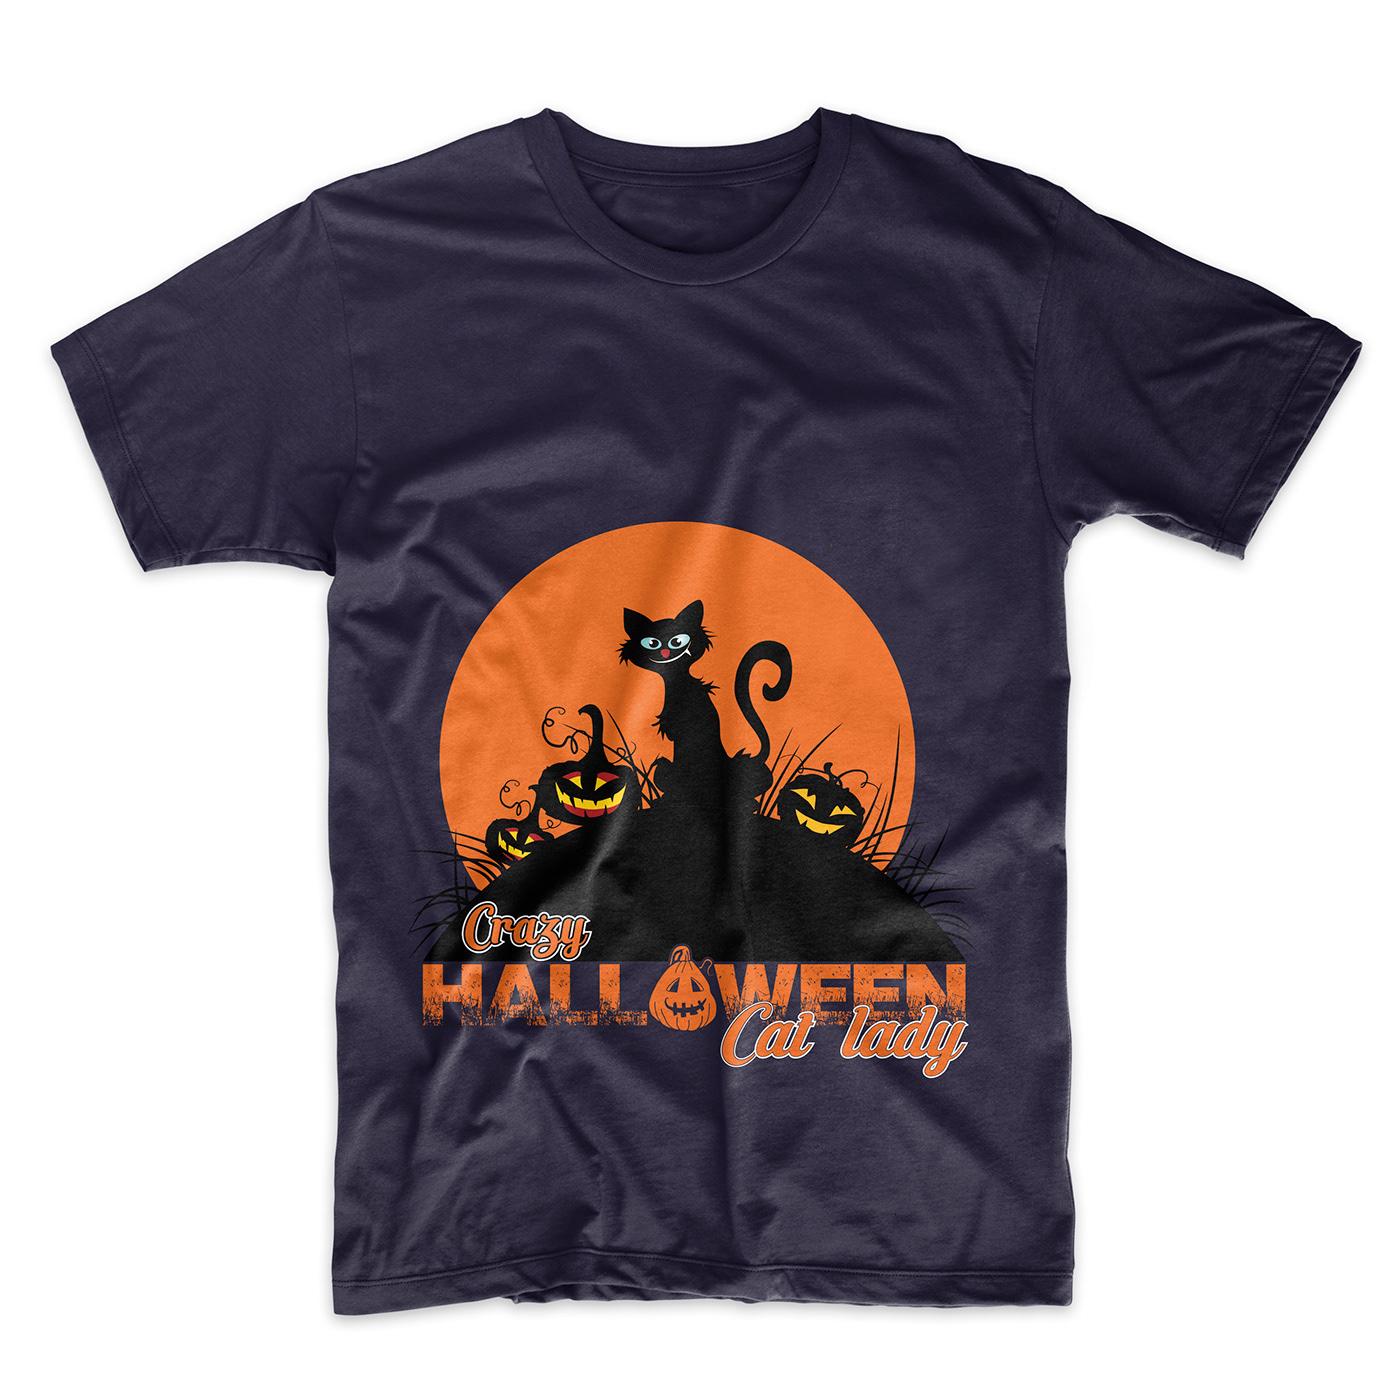 Halloween T Shirt Ideas.Halloween T Shirt Designs Bundle On Behance